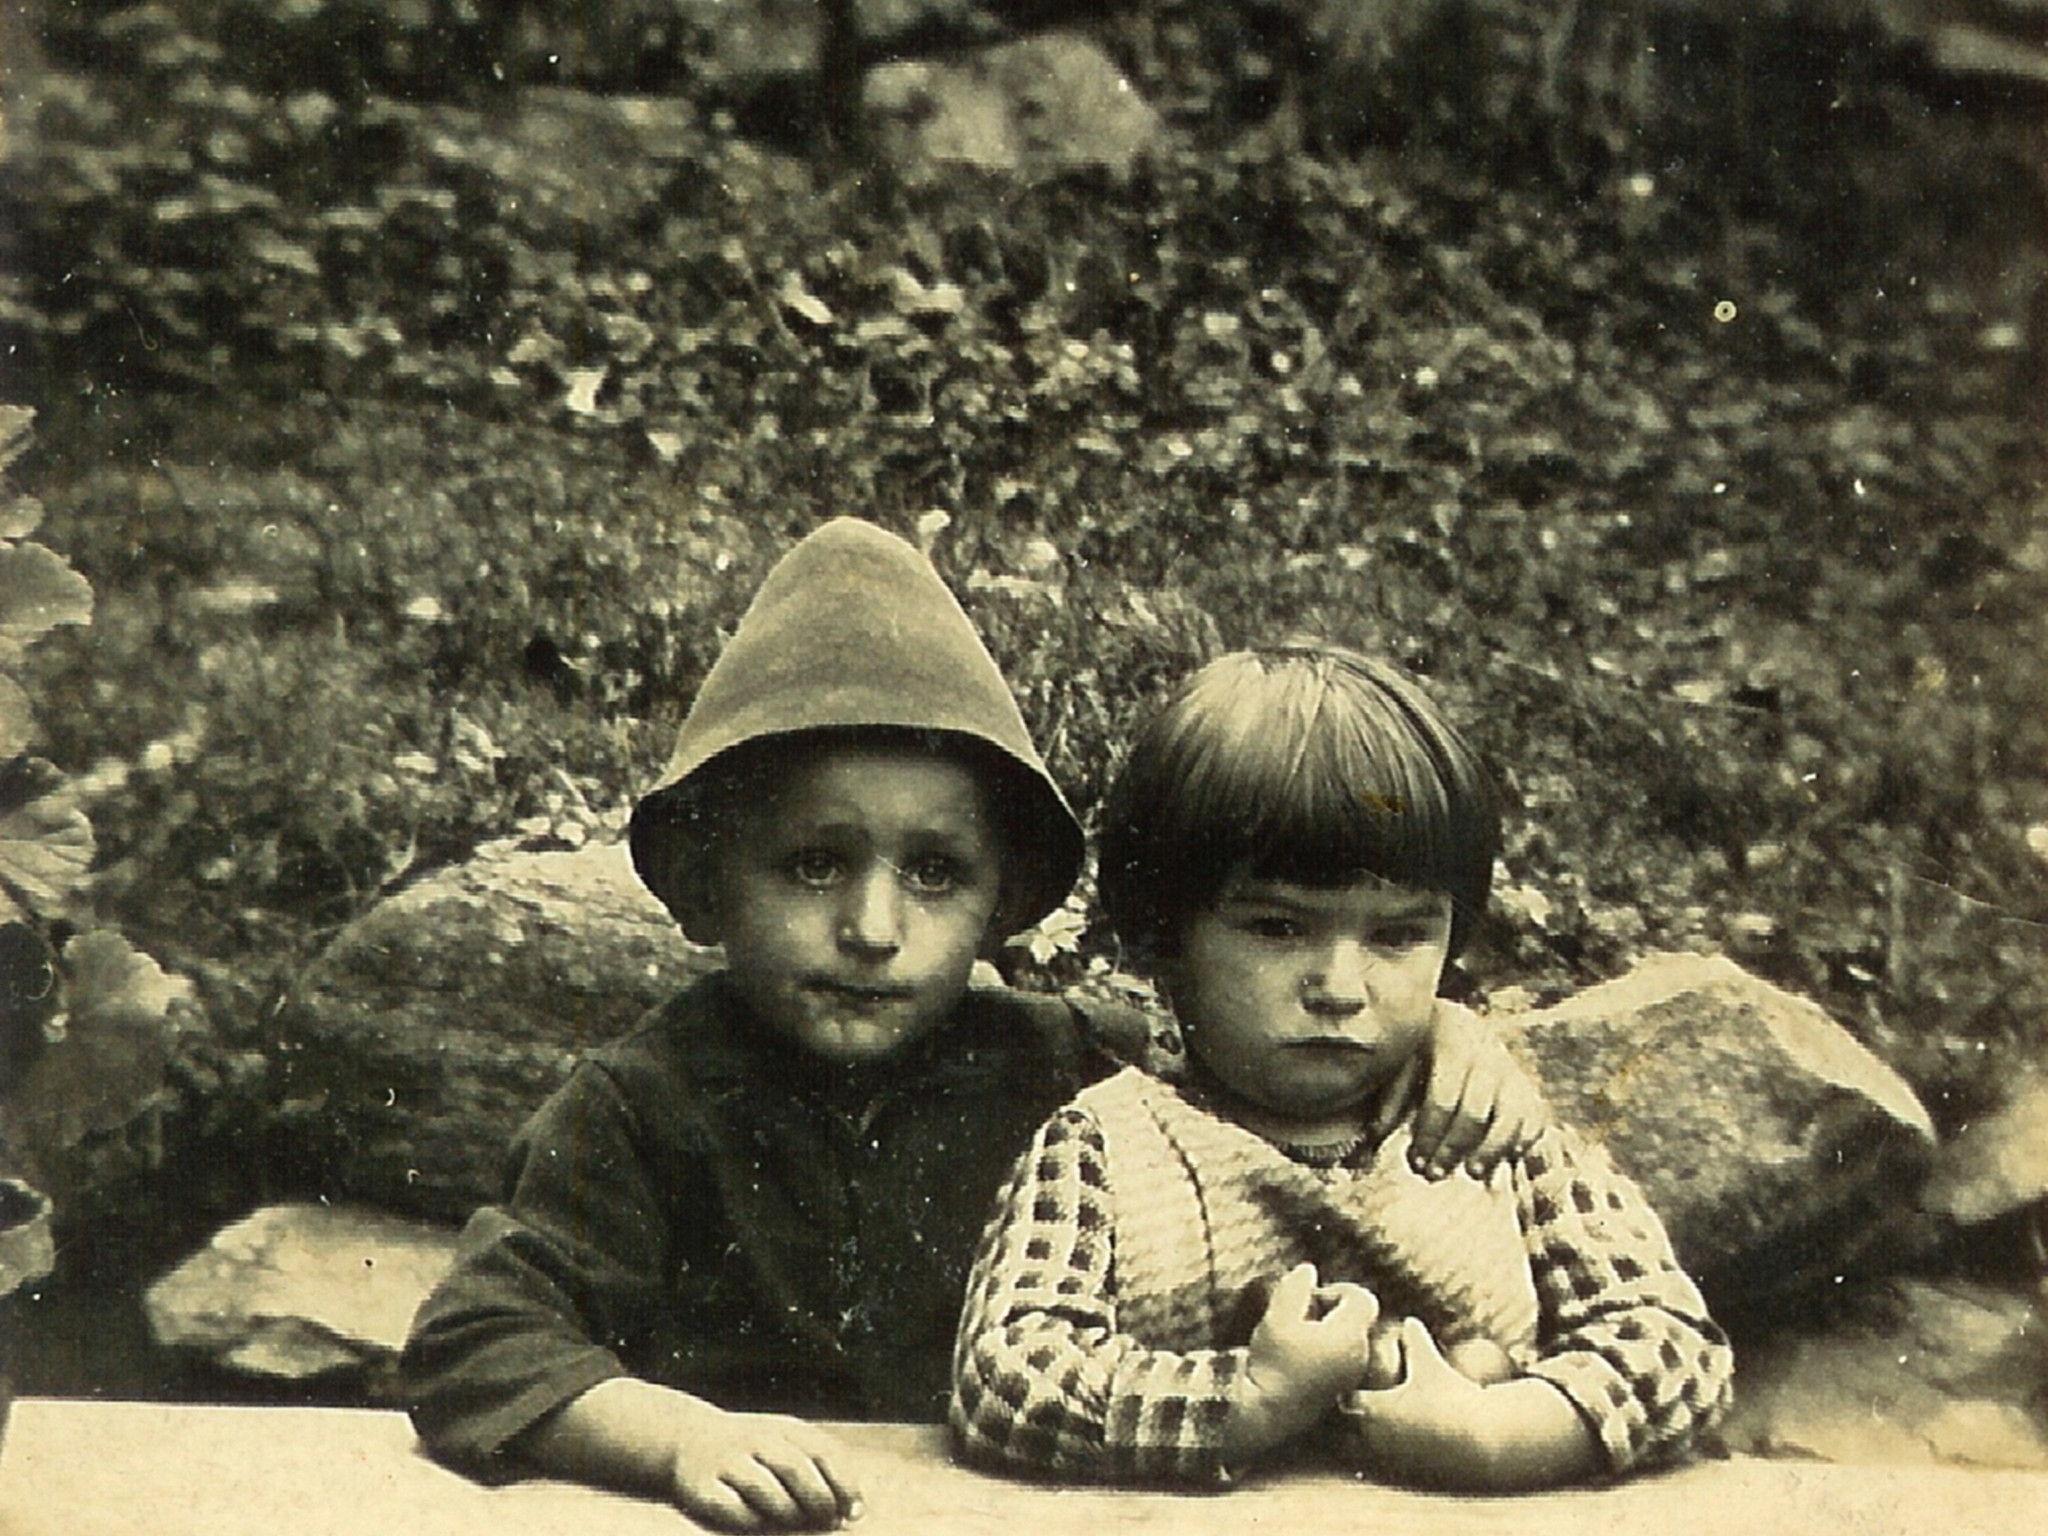 Kinder der damaligen Zeit im Montafon.